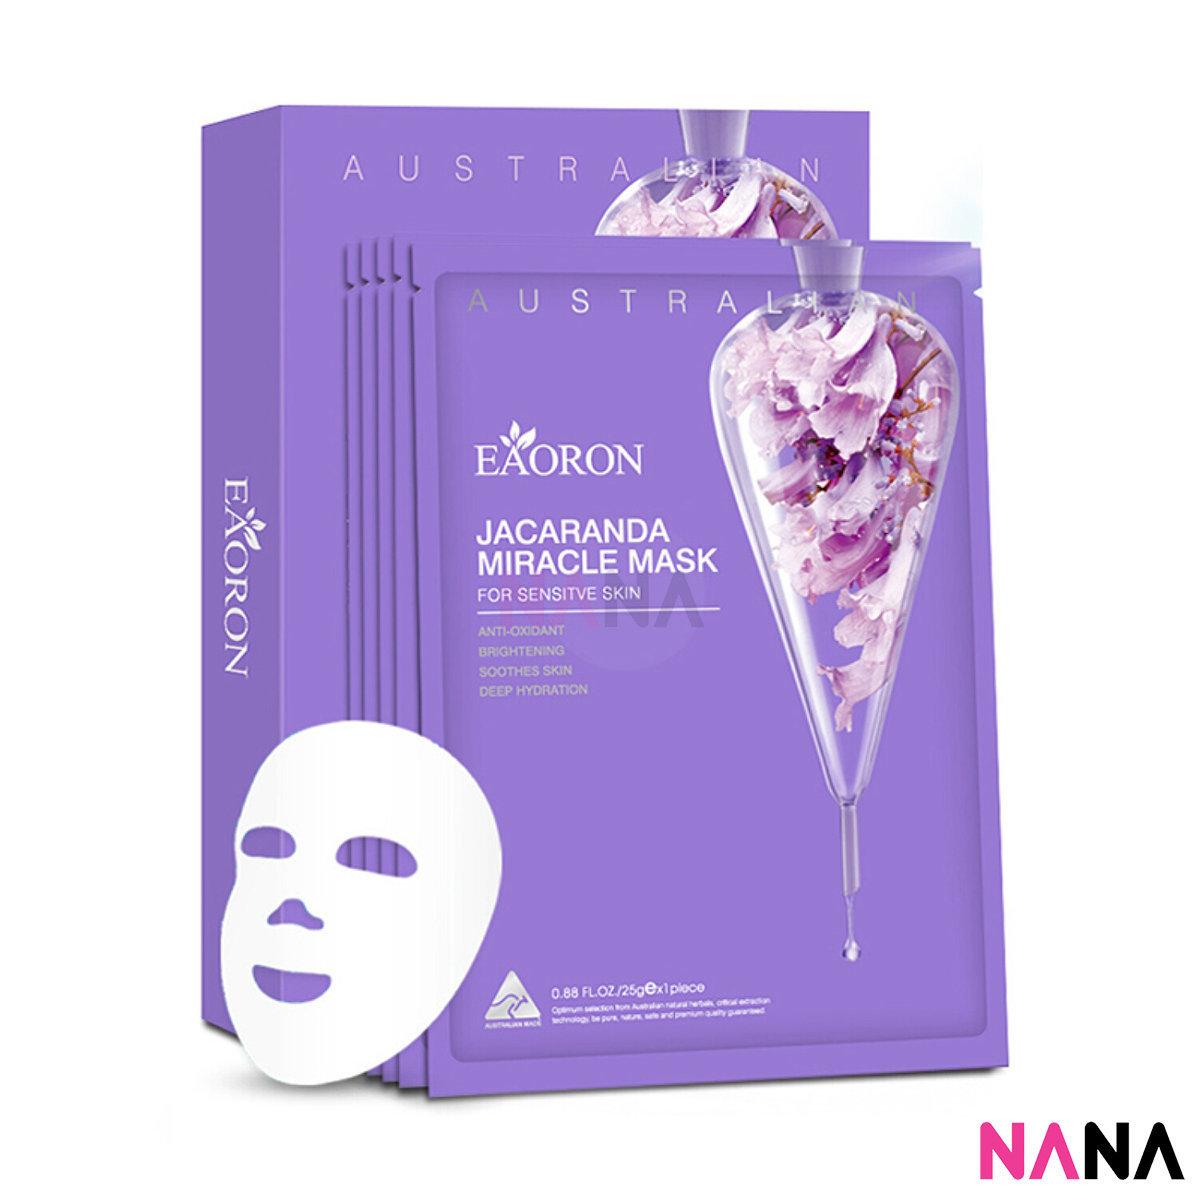 Jacaranda Miracle Mask (5 Sheets/ Box)